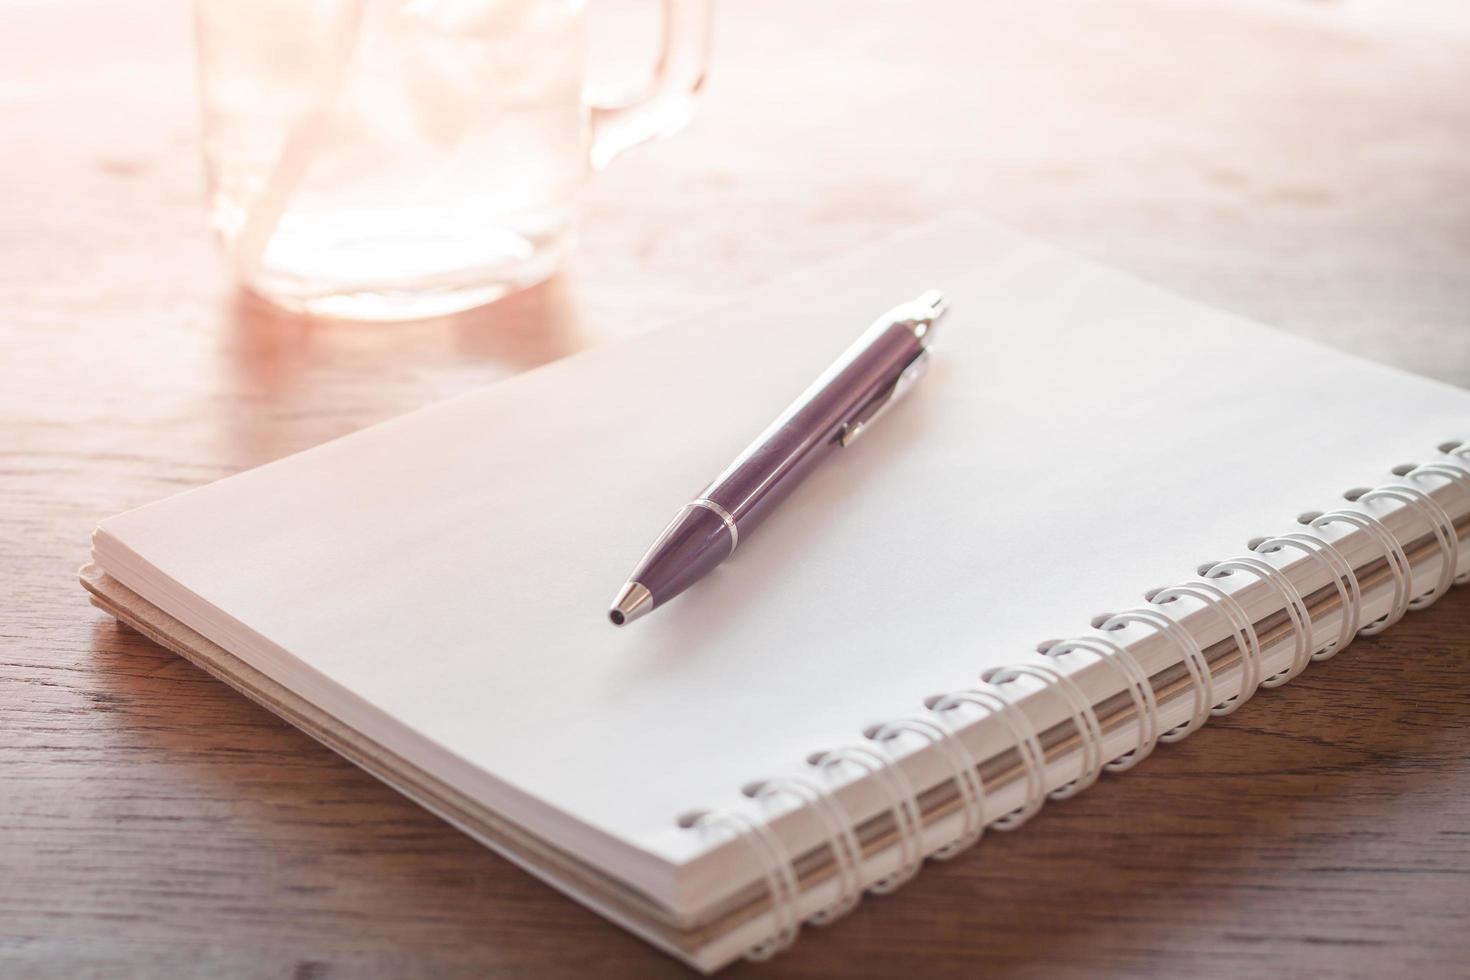 Sonnenlicht auf einem Notizbuch und Stift foto